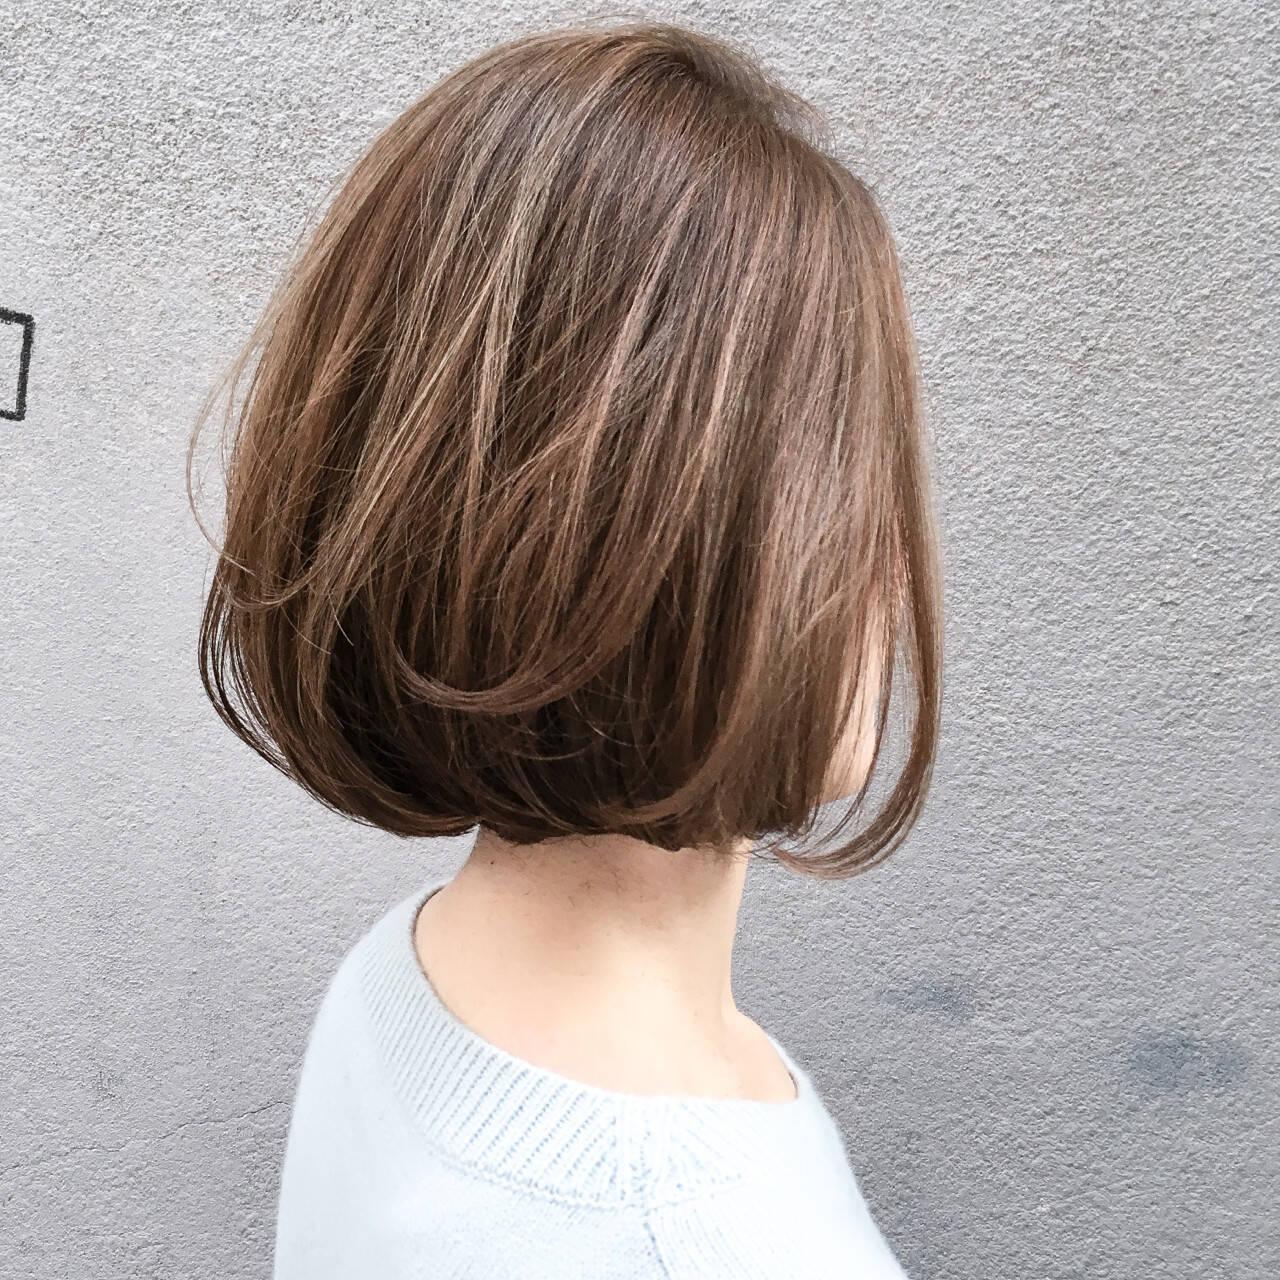 ボブ 切りっぱなし 抜け感 ハイライトヘアスタイルや髪型の写真・画像